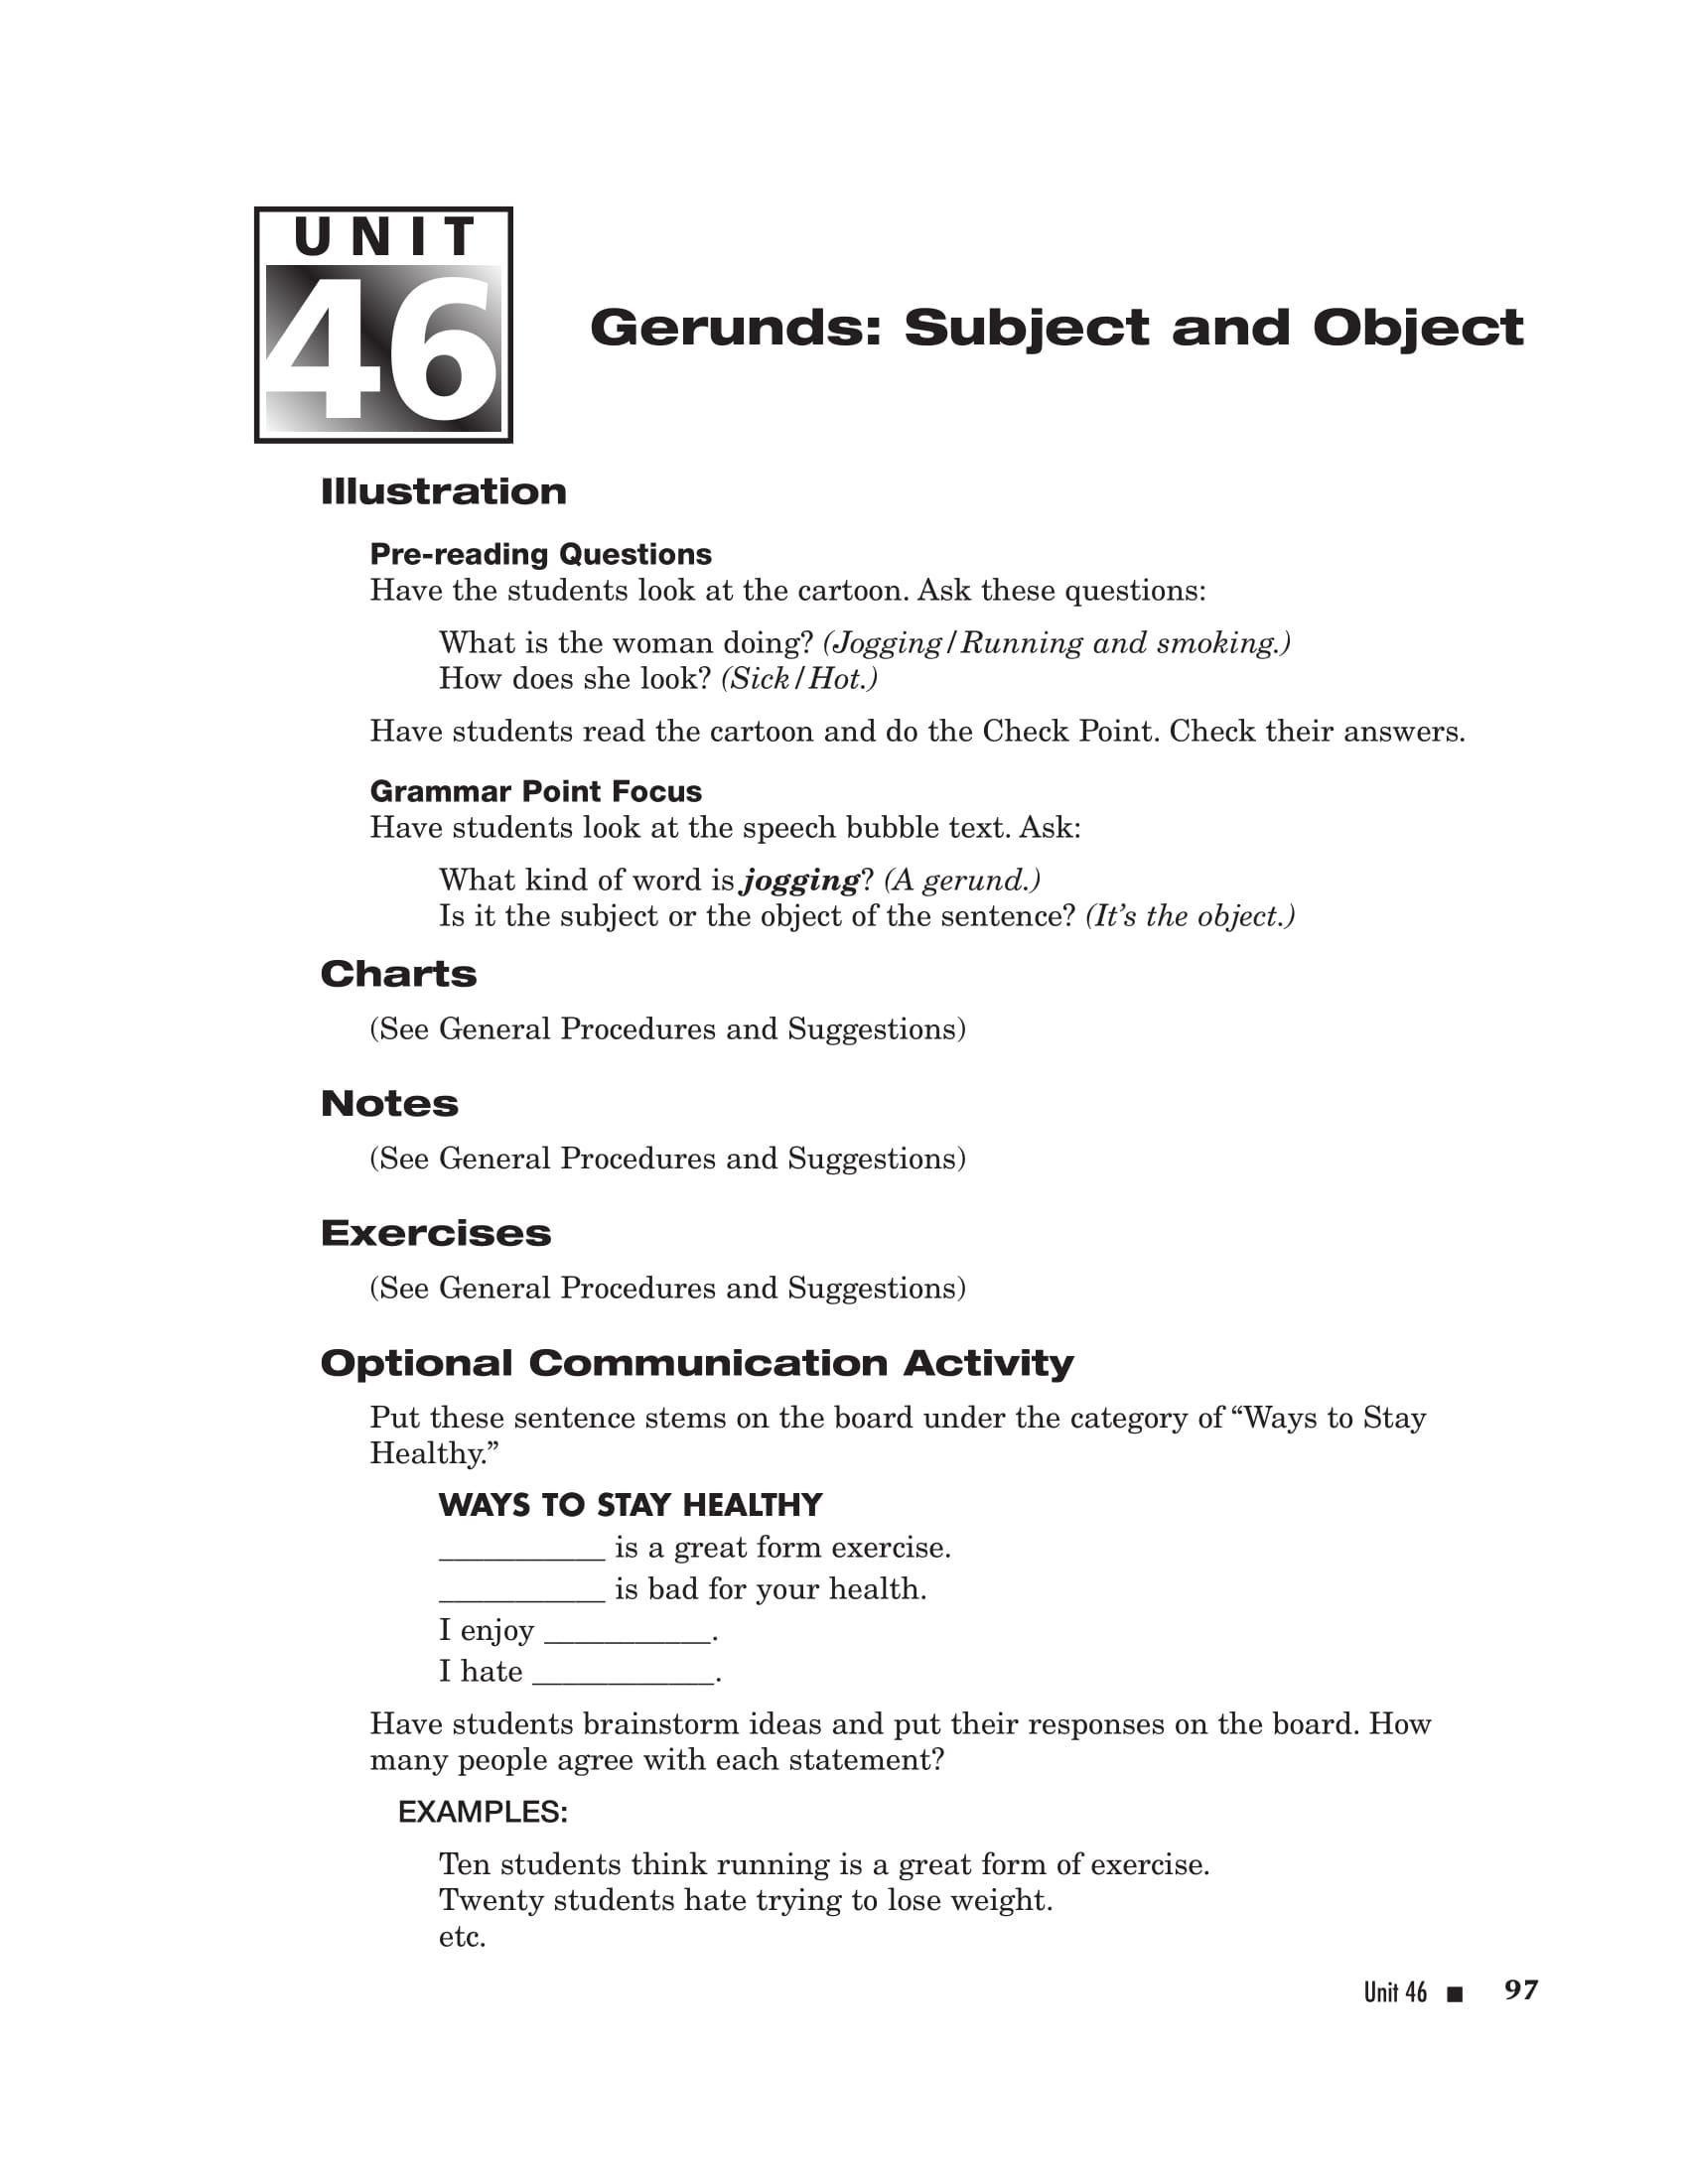 20 Gerund Examples